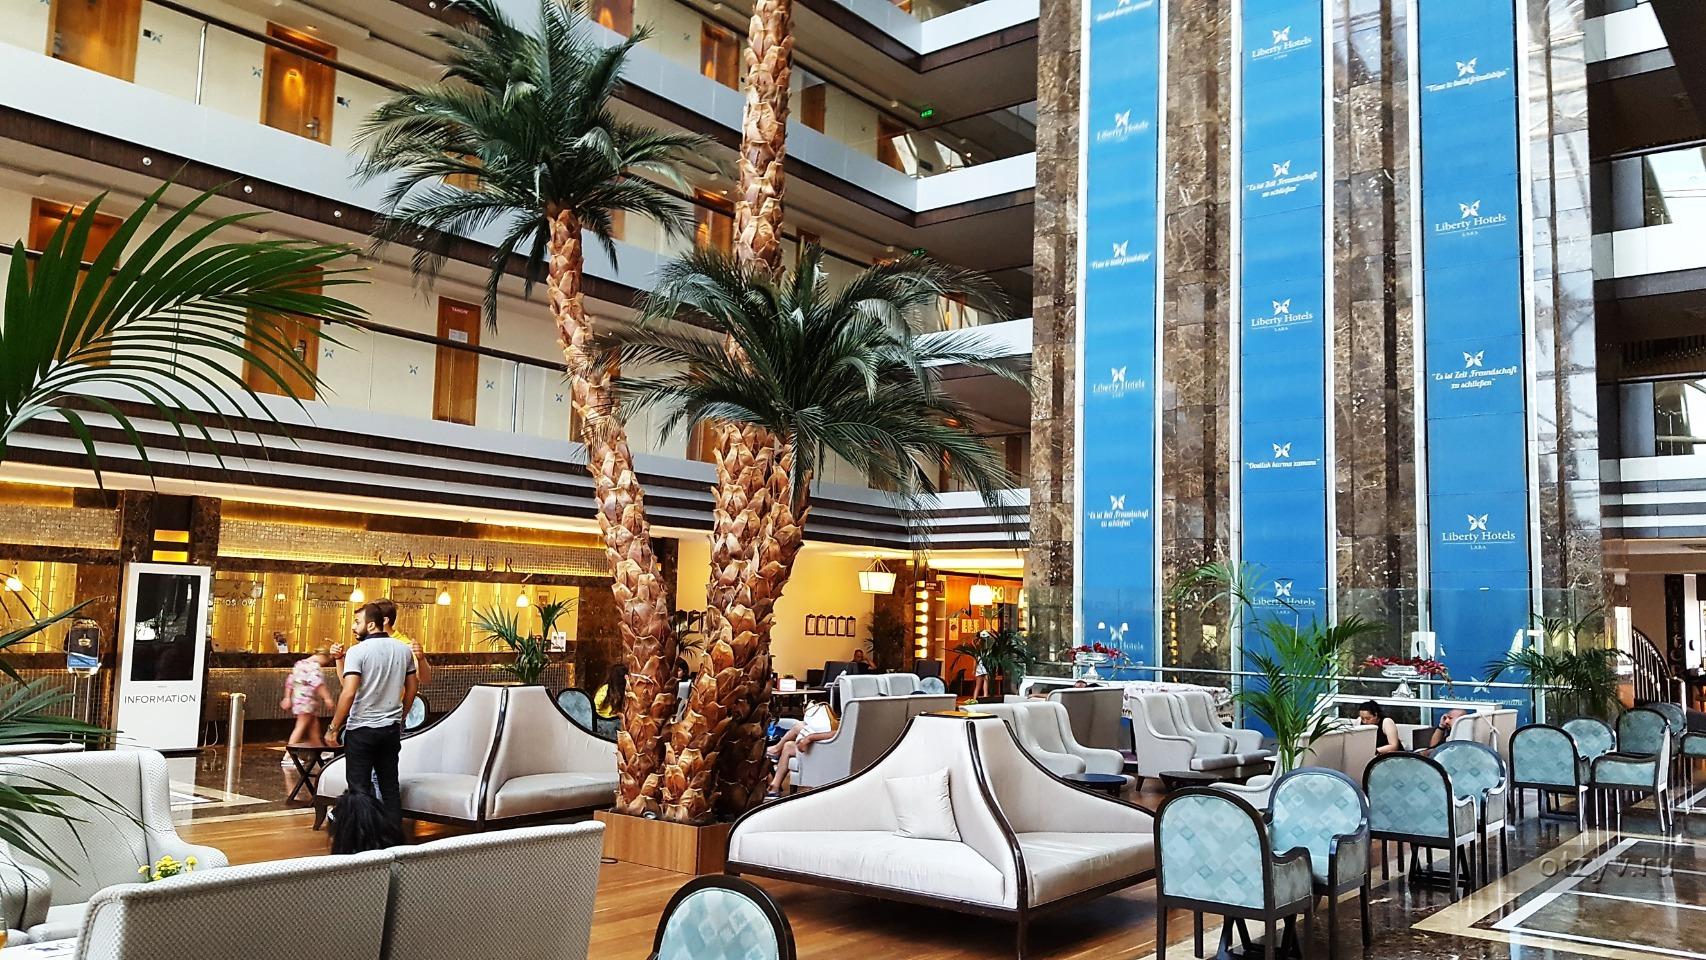 Турция отель либерти лара отзывы фото